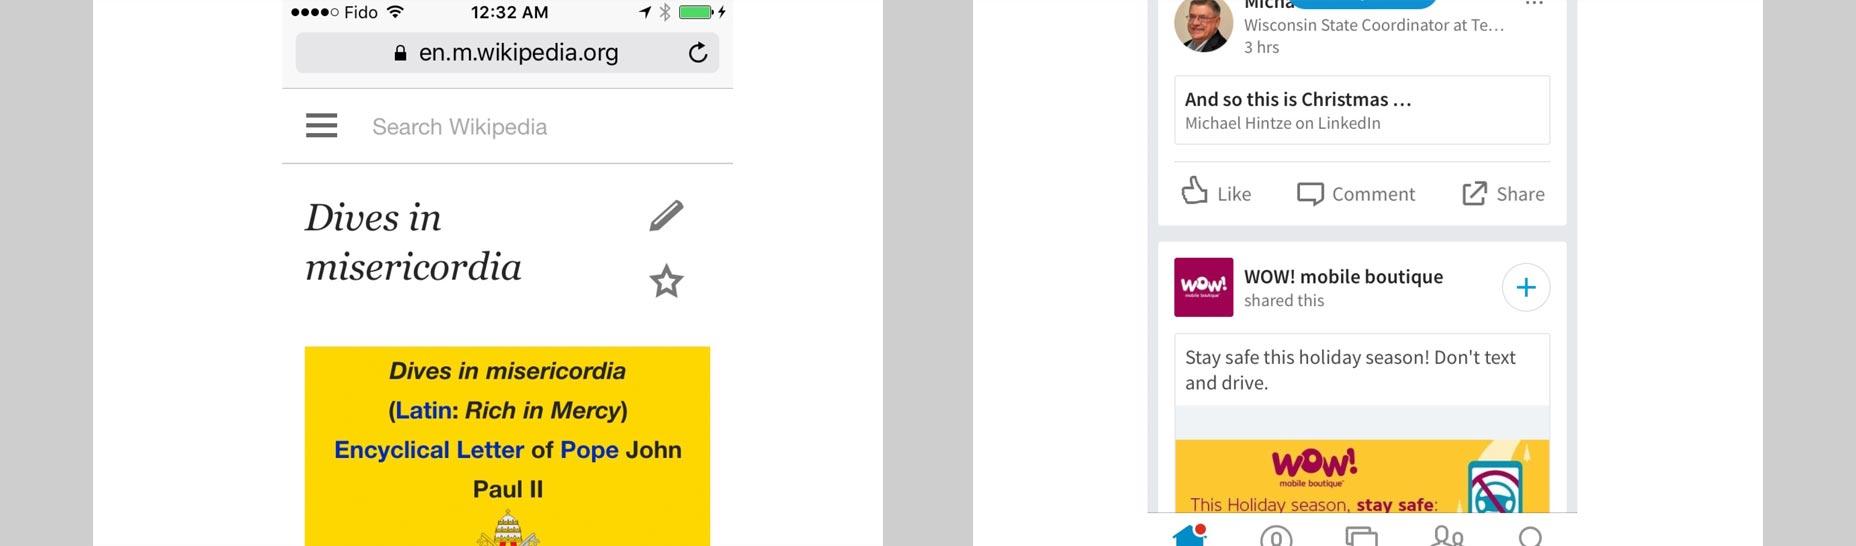 給網頁設計師的移動端網頁設計簡明指南 三聯